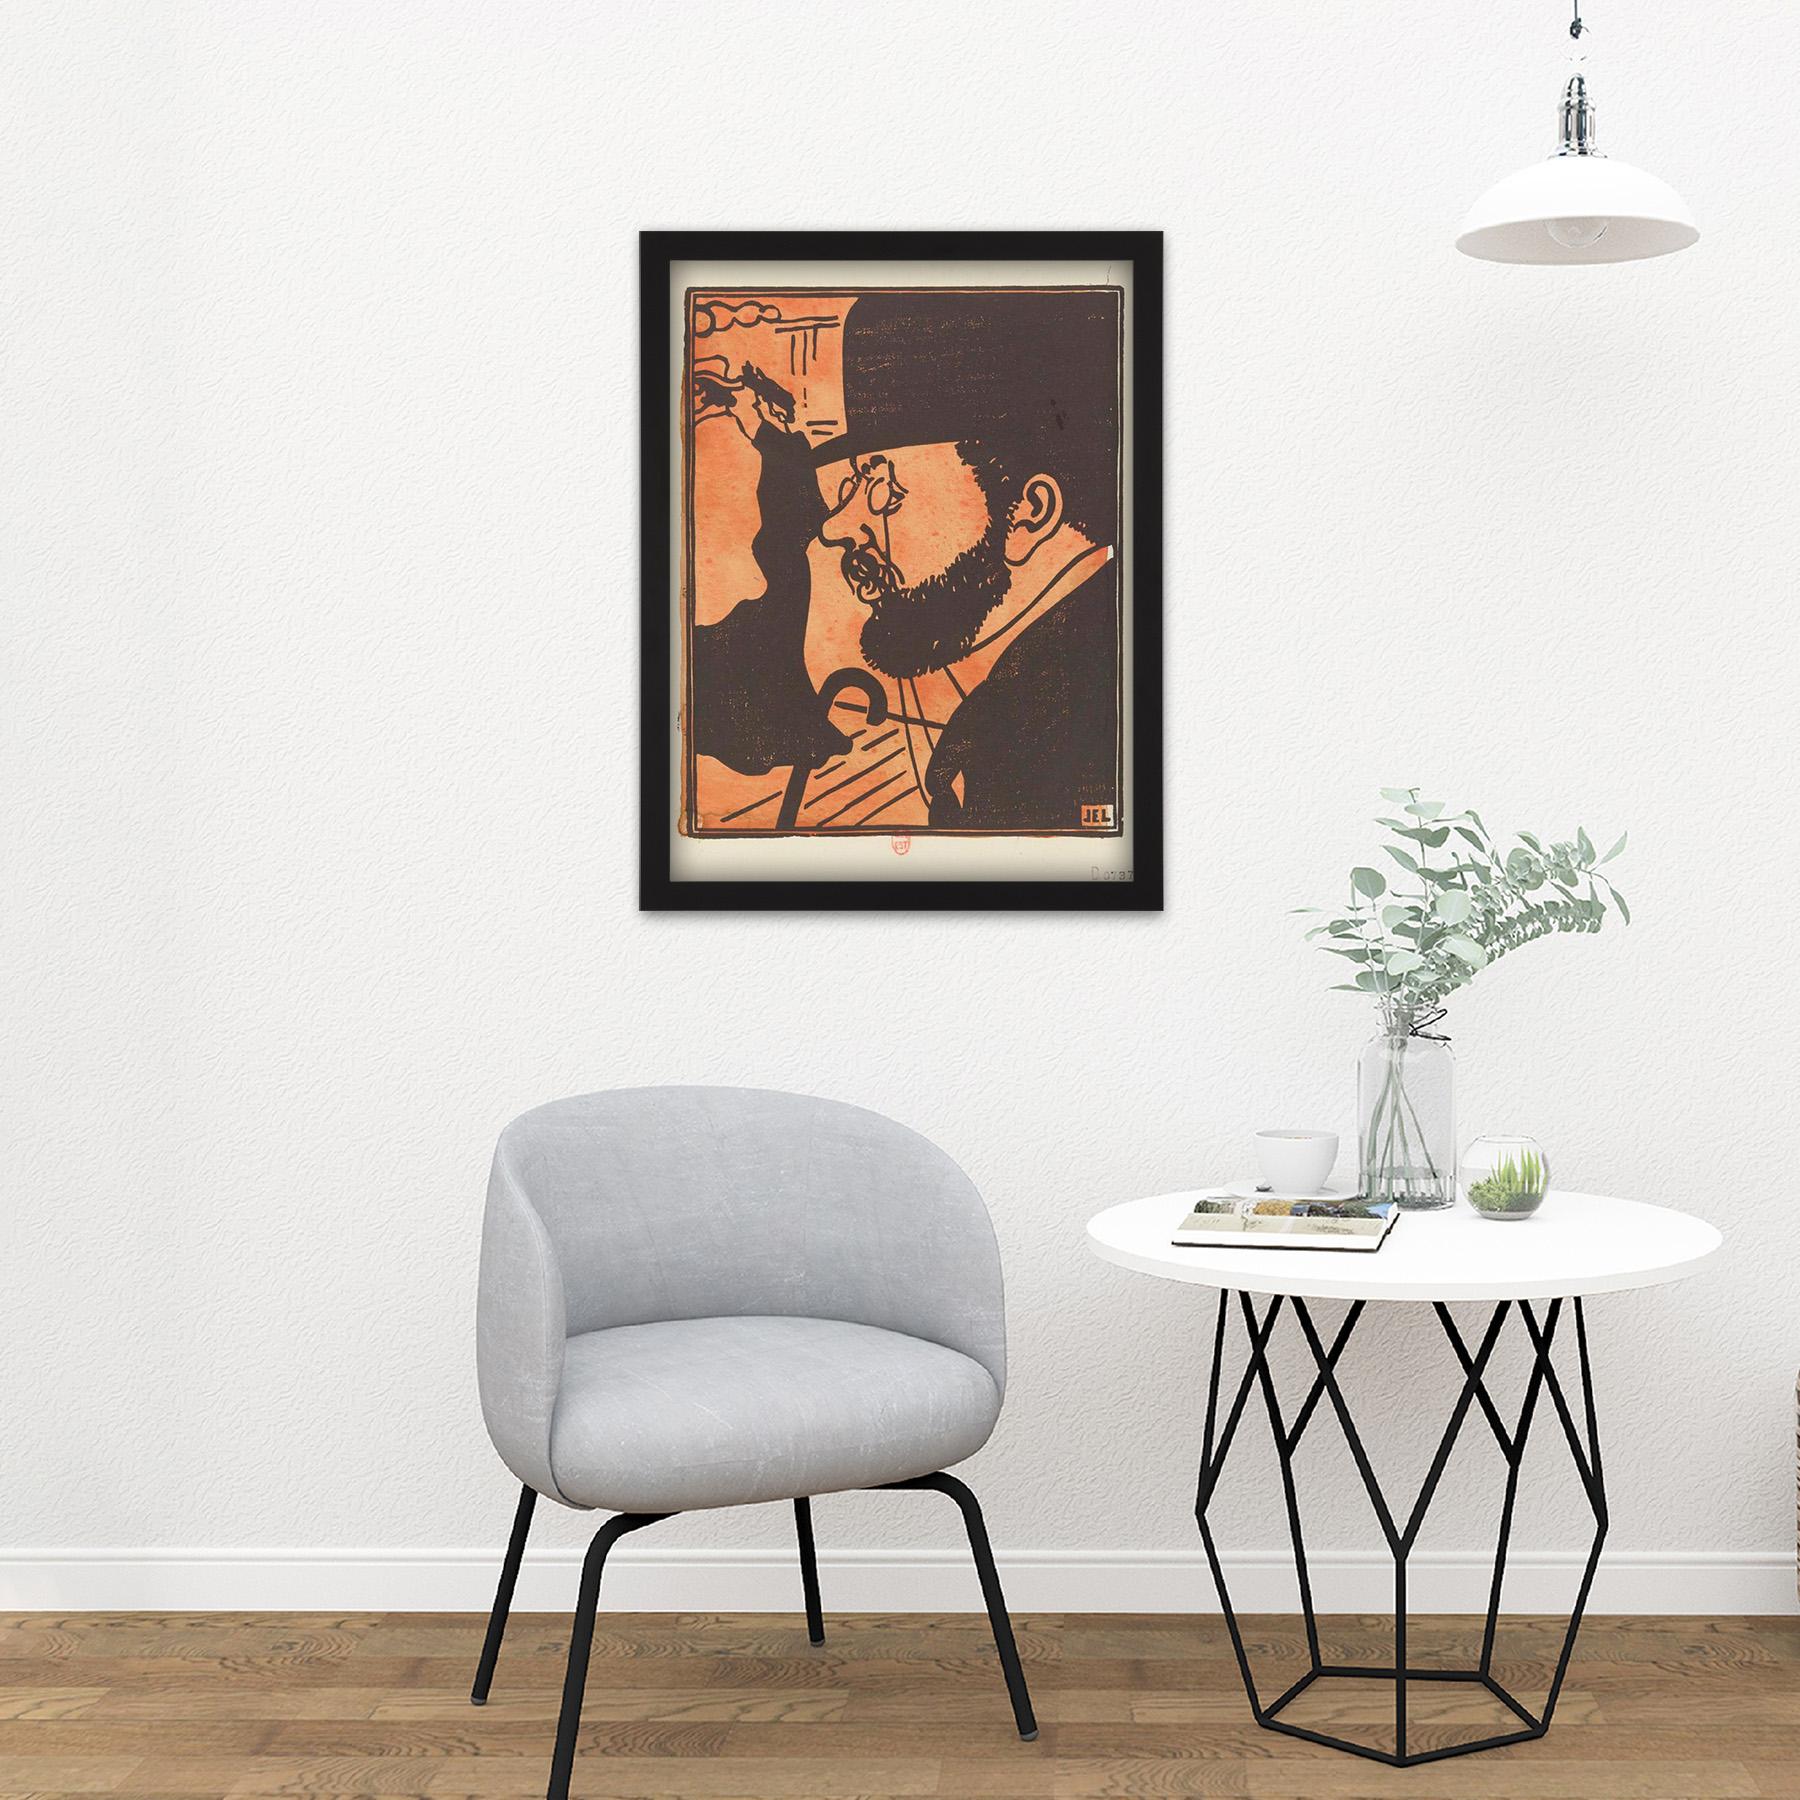 Laboureur-Portrait-Toulouse-Lautrec-Engraving-Large-Framed-Art-Print thumbnail 8